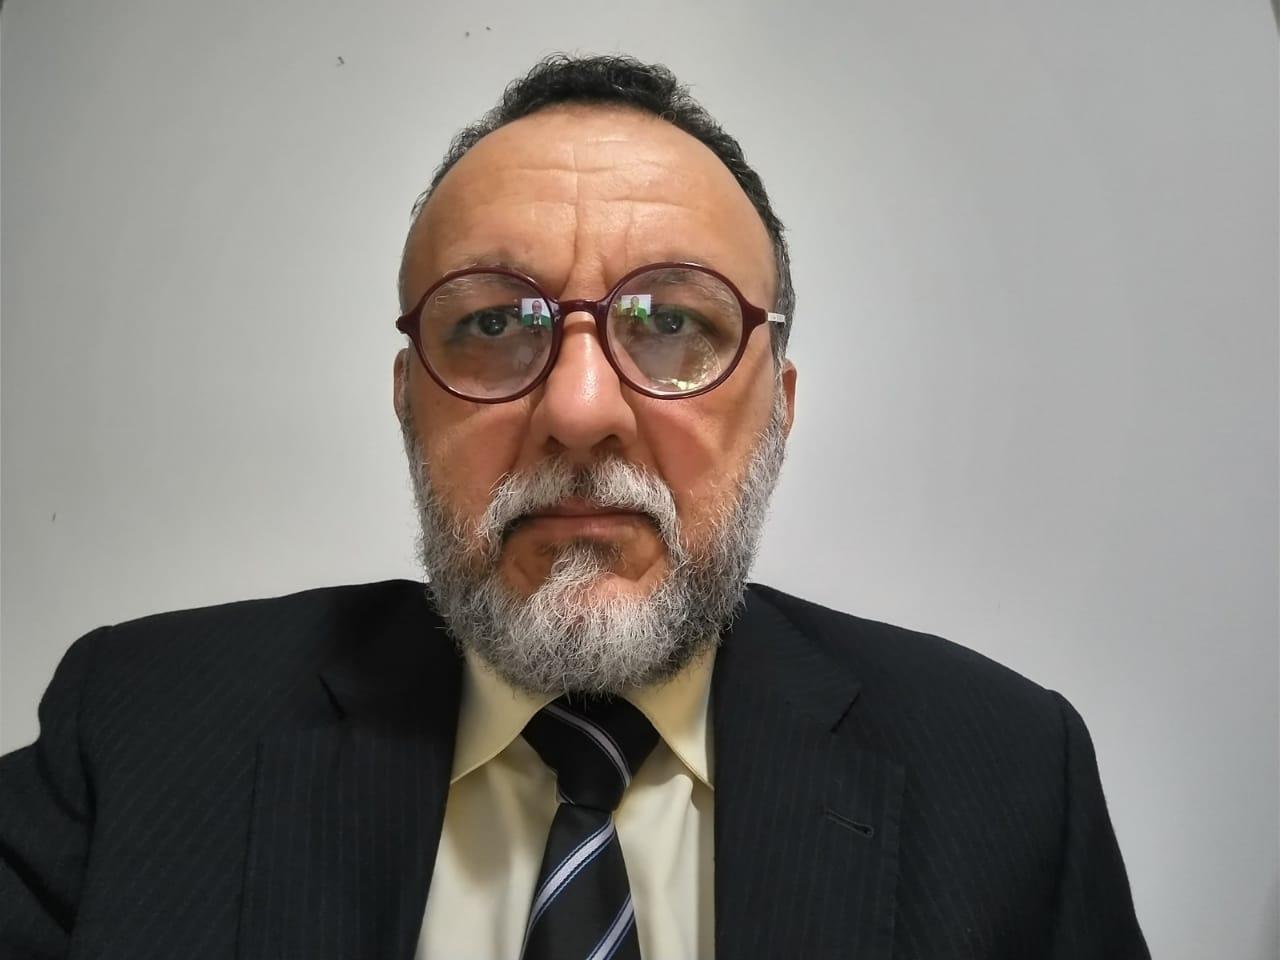 Retorno as aulas presenciais sem professores e servidores imunizados é suicídio. Diz  Zé Gonçalves.